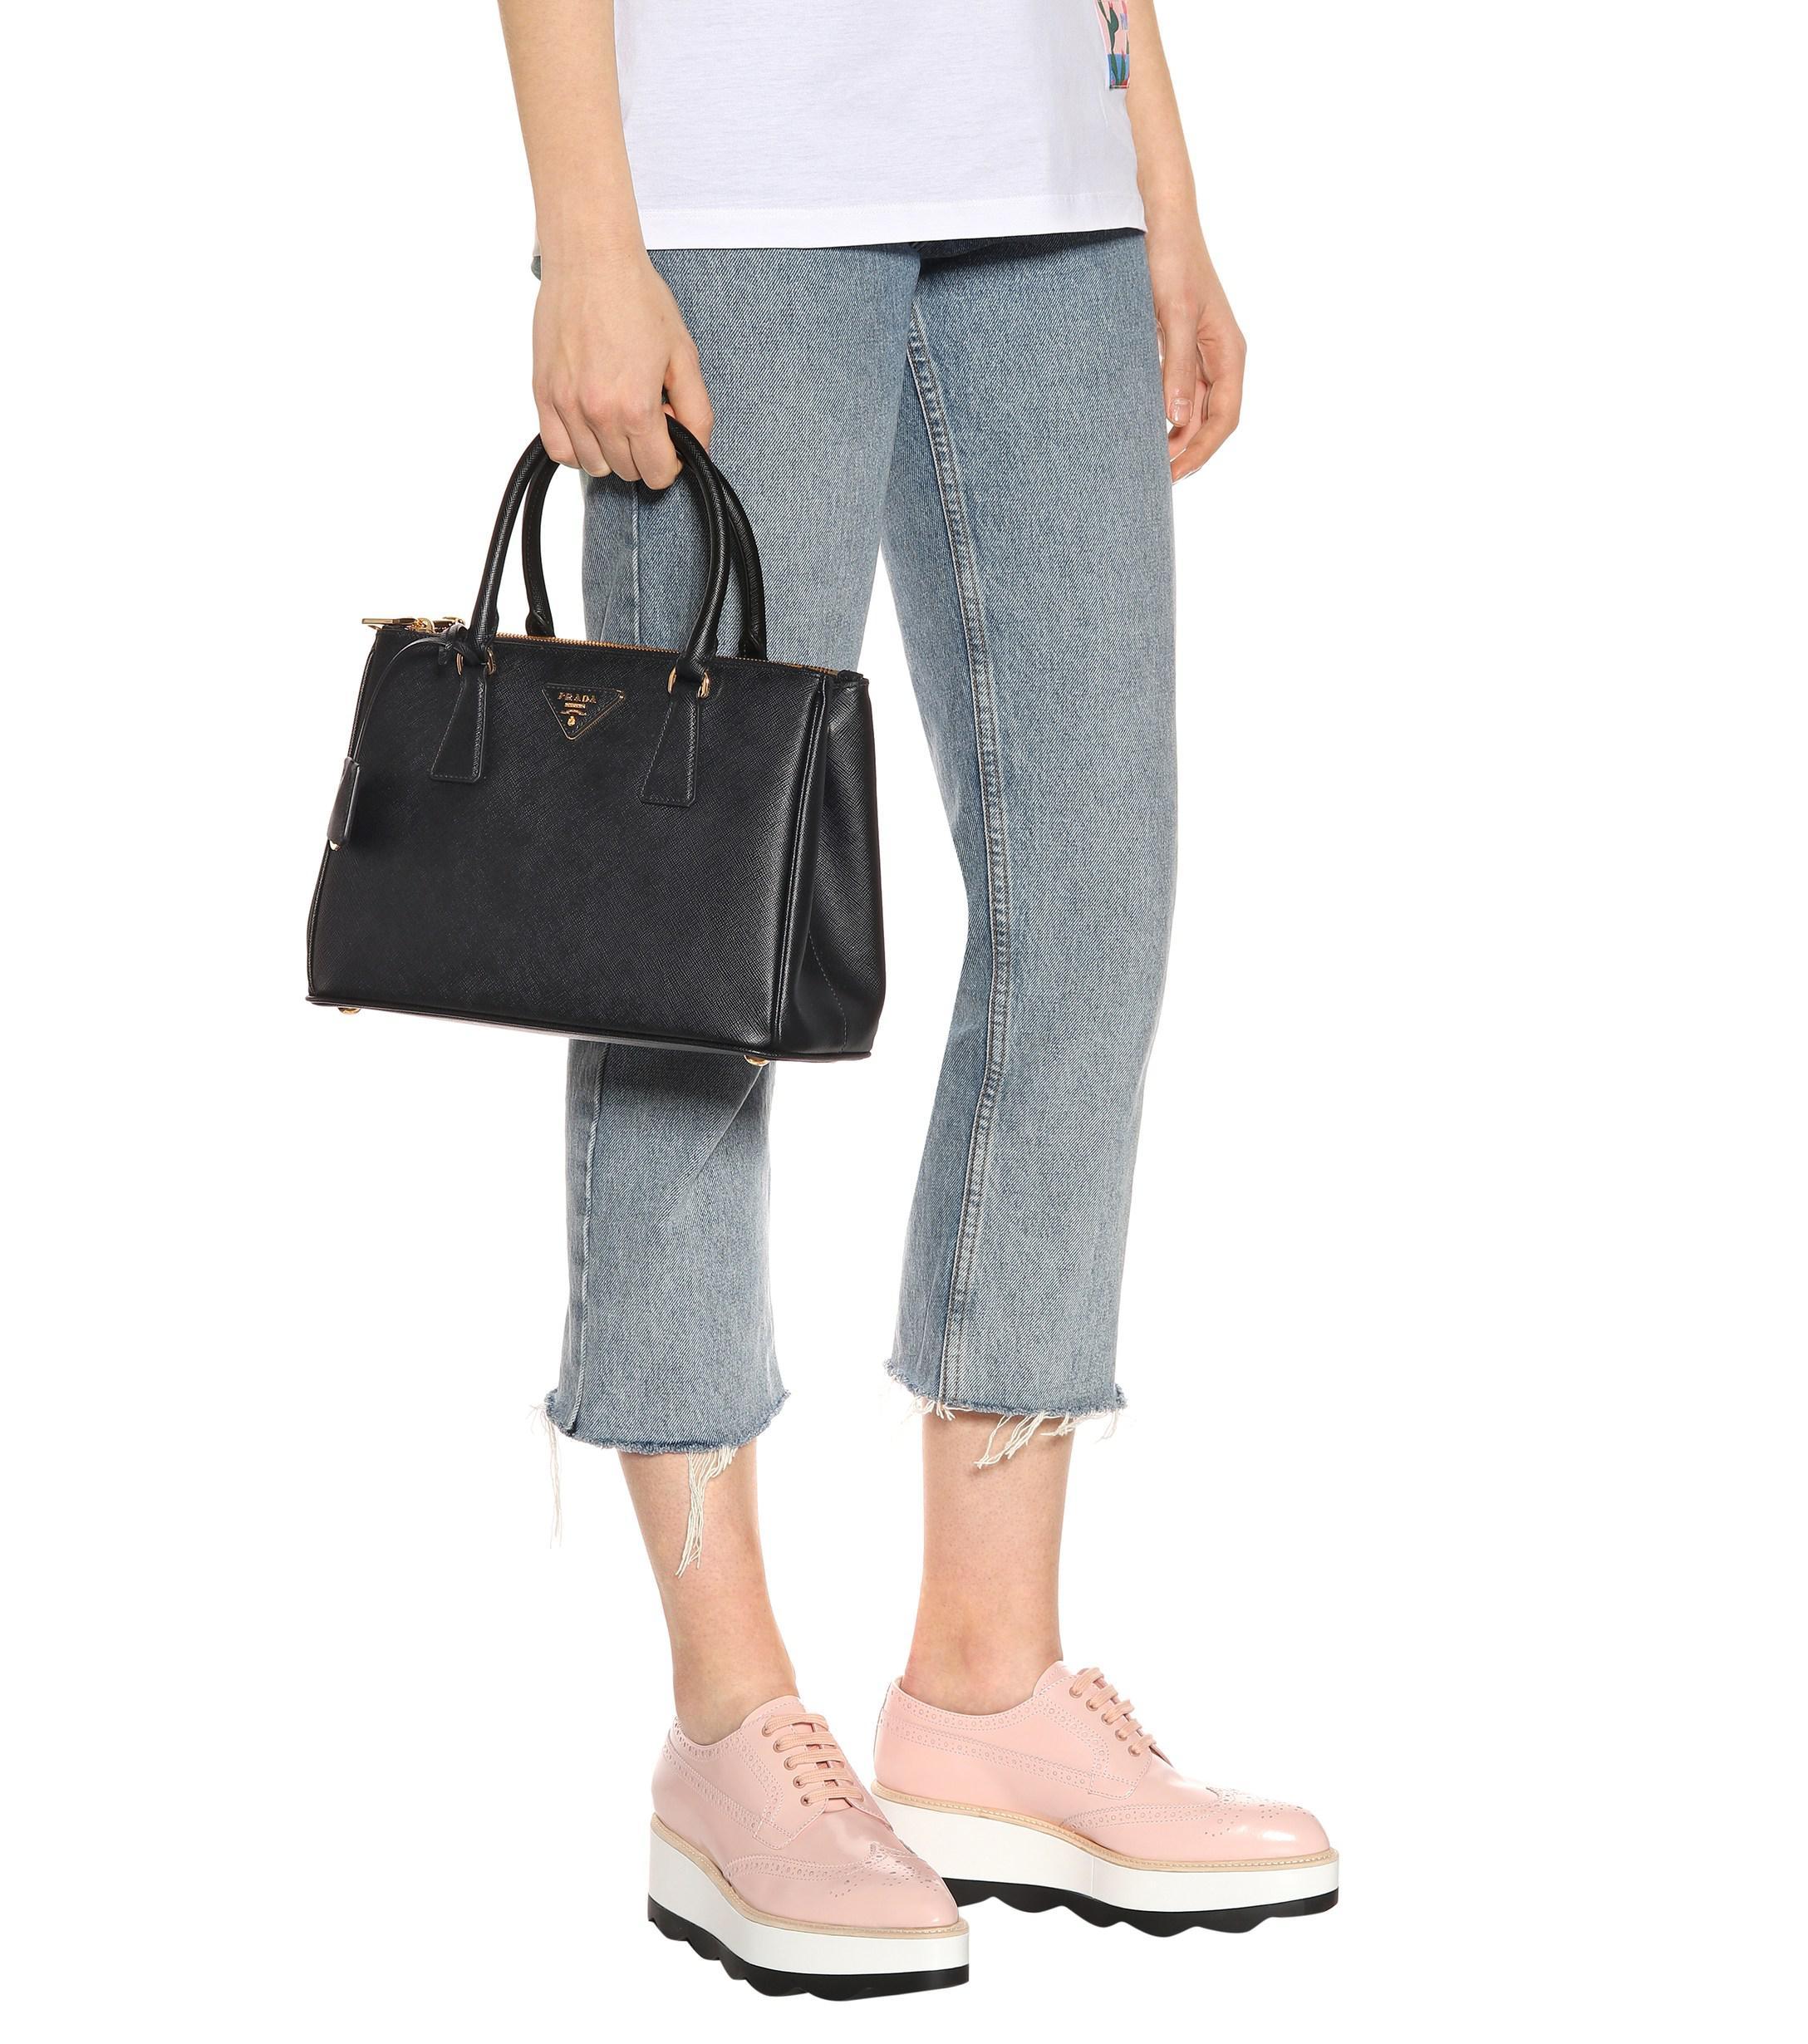 83494b70e47e Lyst - Prada Galleria Saffiano Small Leather Shoulder Bag in Black